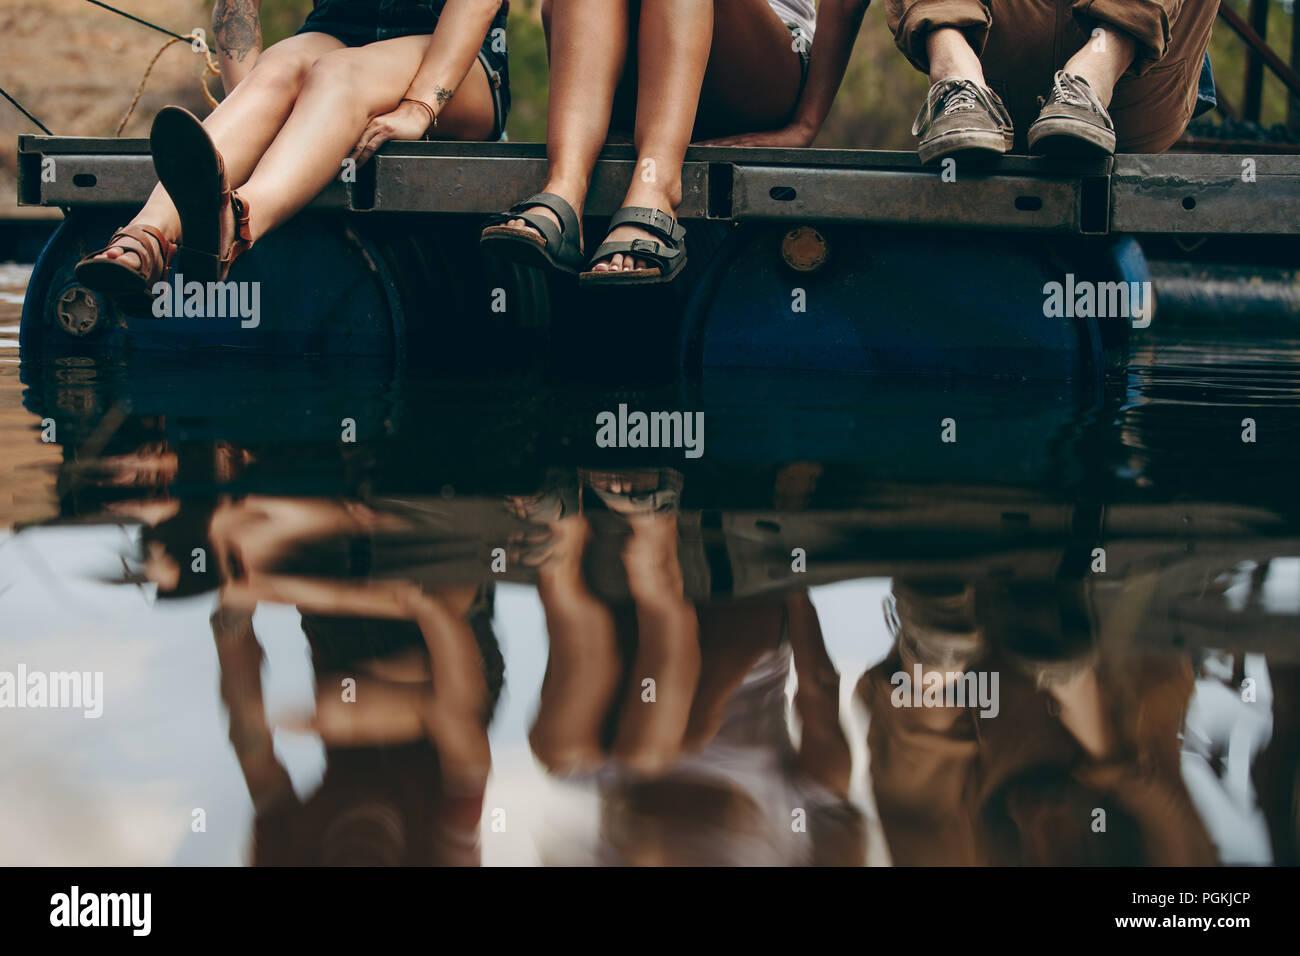 Les amis en vacances assis ensemble sur un quai flottant en plastique de barils. Amis assis près du lac avec leur reflet dans l'eau. Banque D'Images